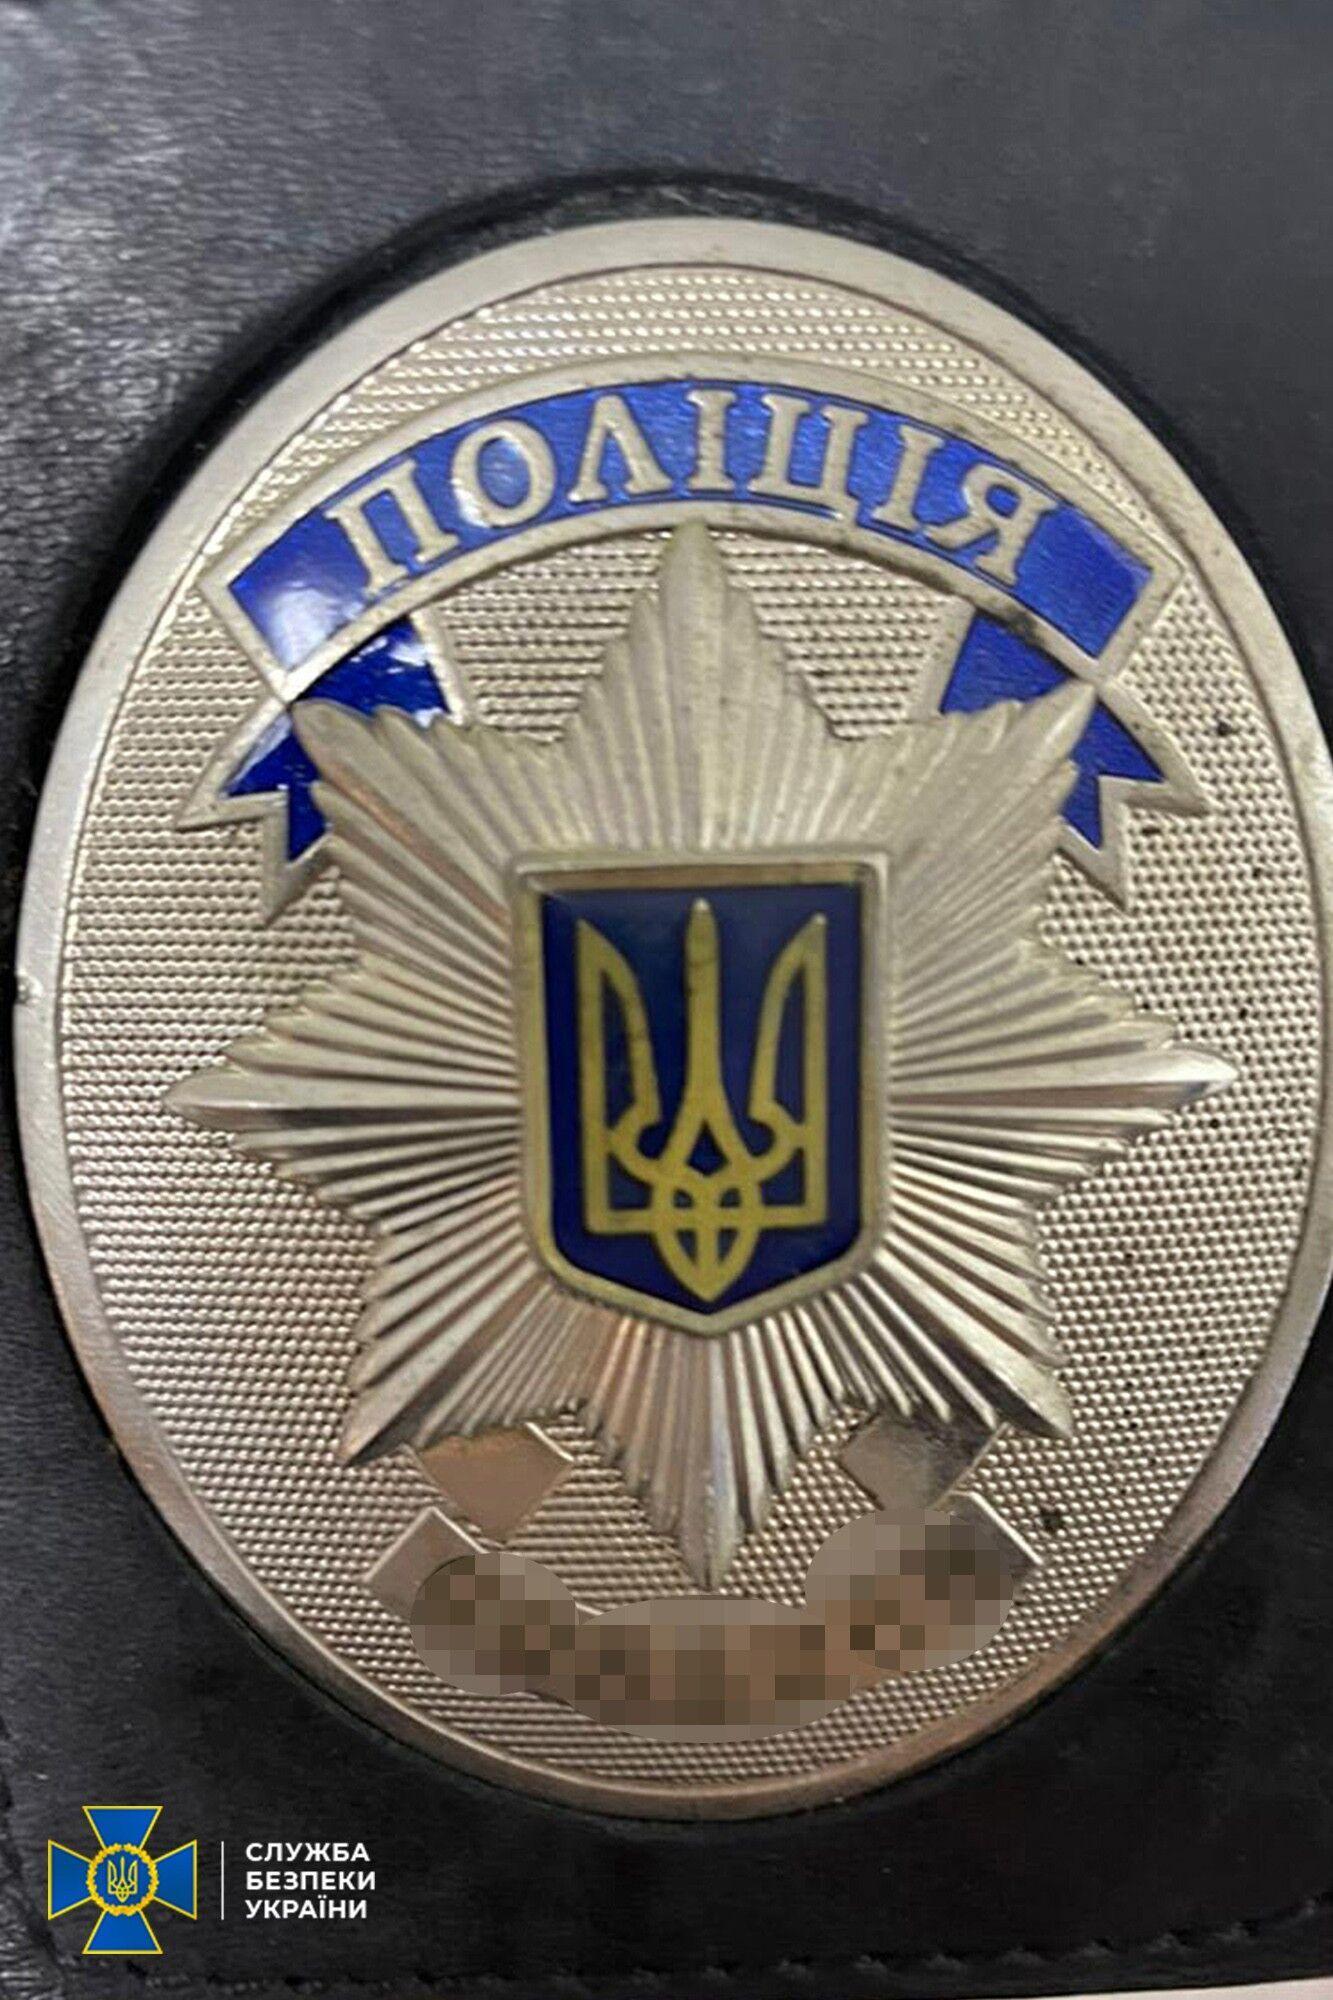 В ходе обыска было изъято значки Нацполиции Украины